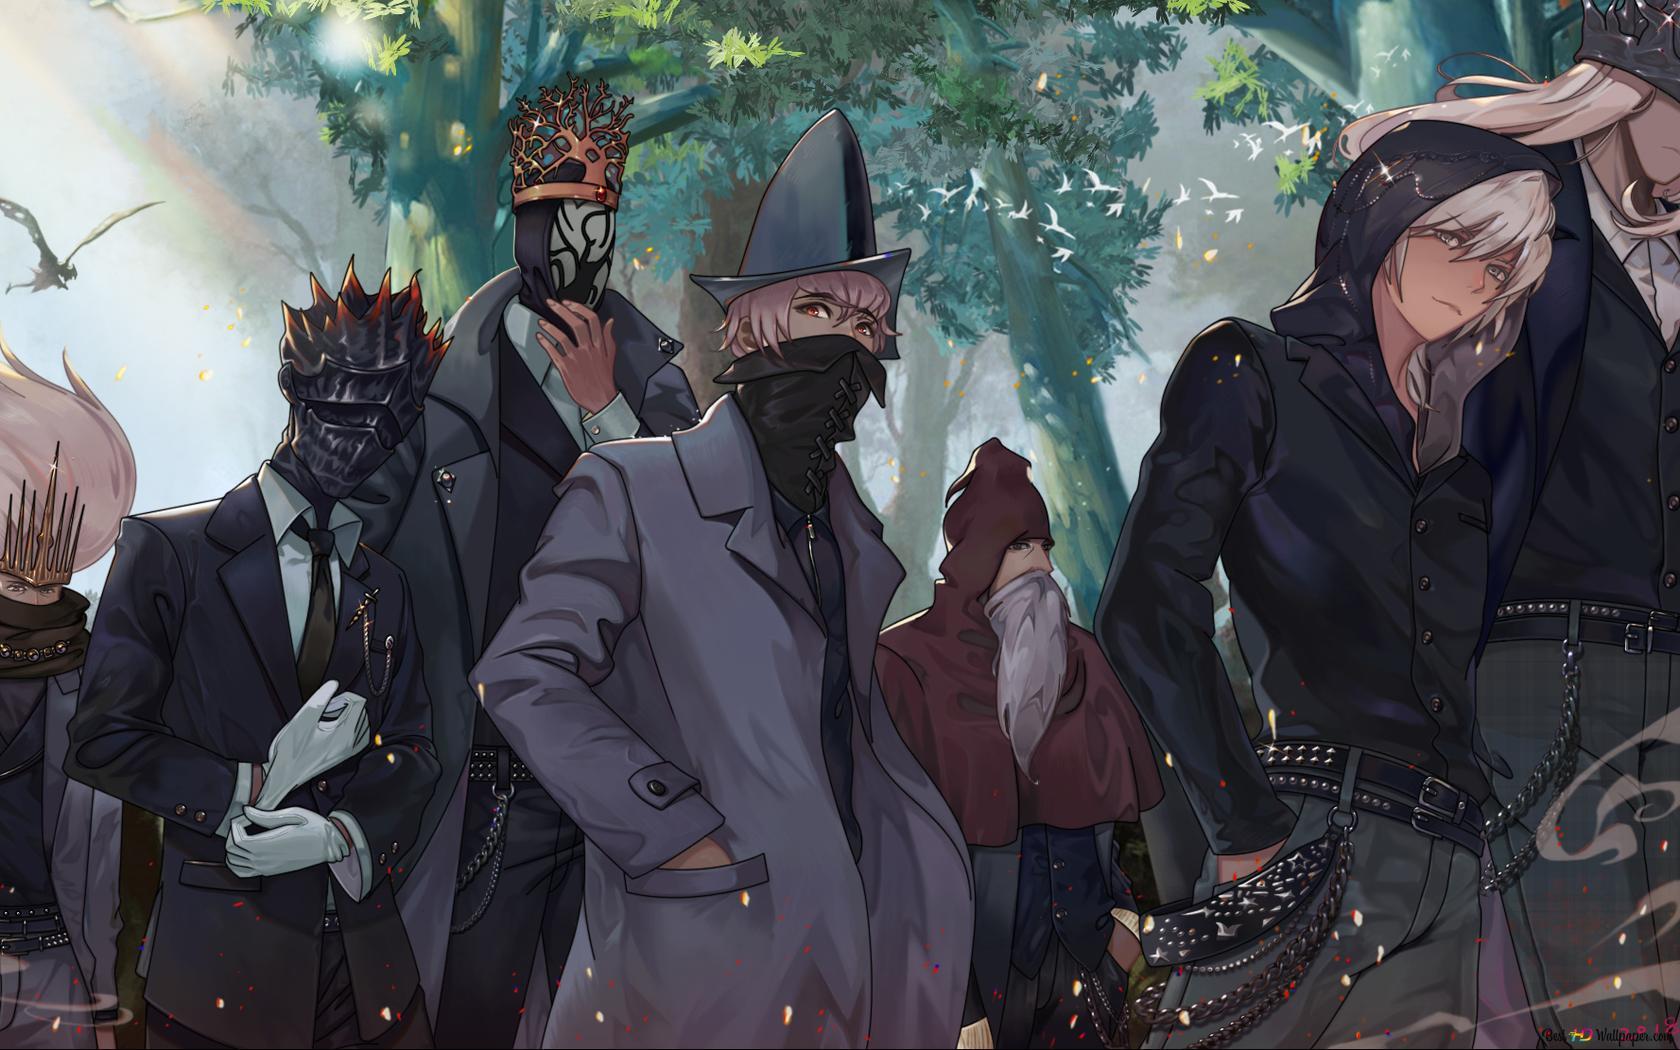 ダークソウルiii男性キャラクター Hd壁紙のダウンロード